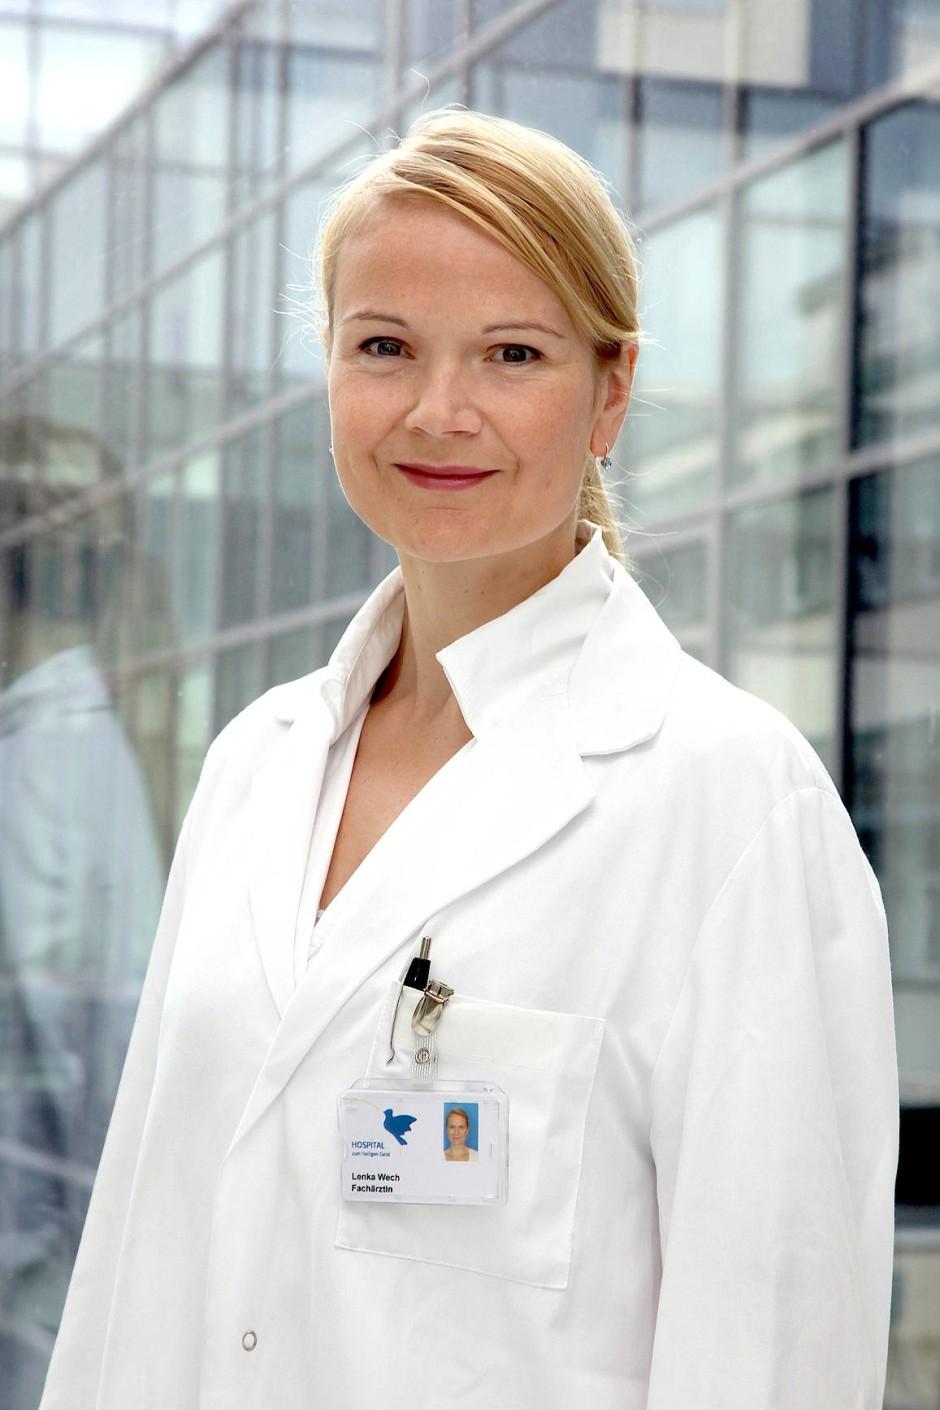 Lenka Dienstbach-Wech ist ehemalige Weltmeisterin im Ruder-Achter und heute Unfallchirurgin und Athletensprecherin des Weltruderverbandes.